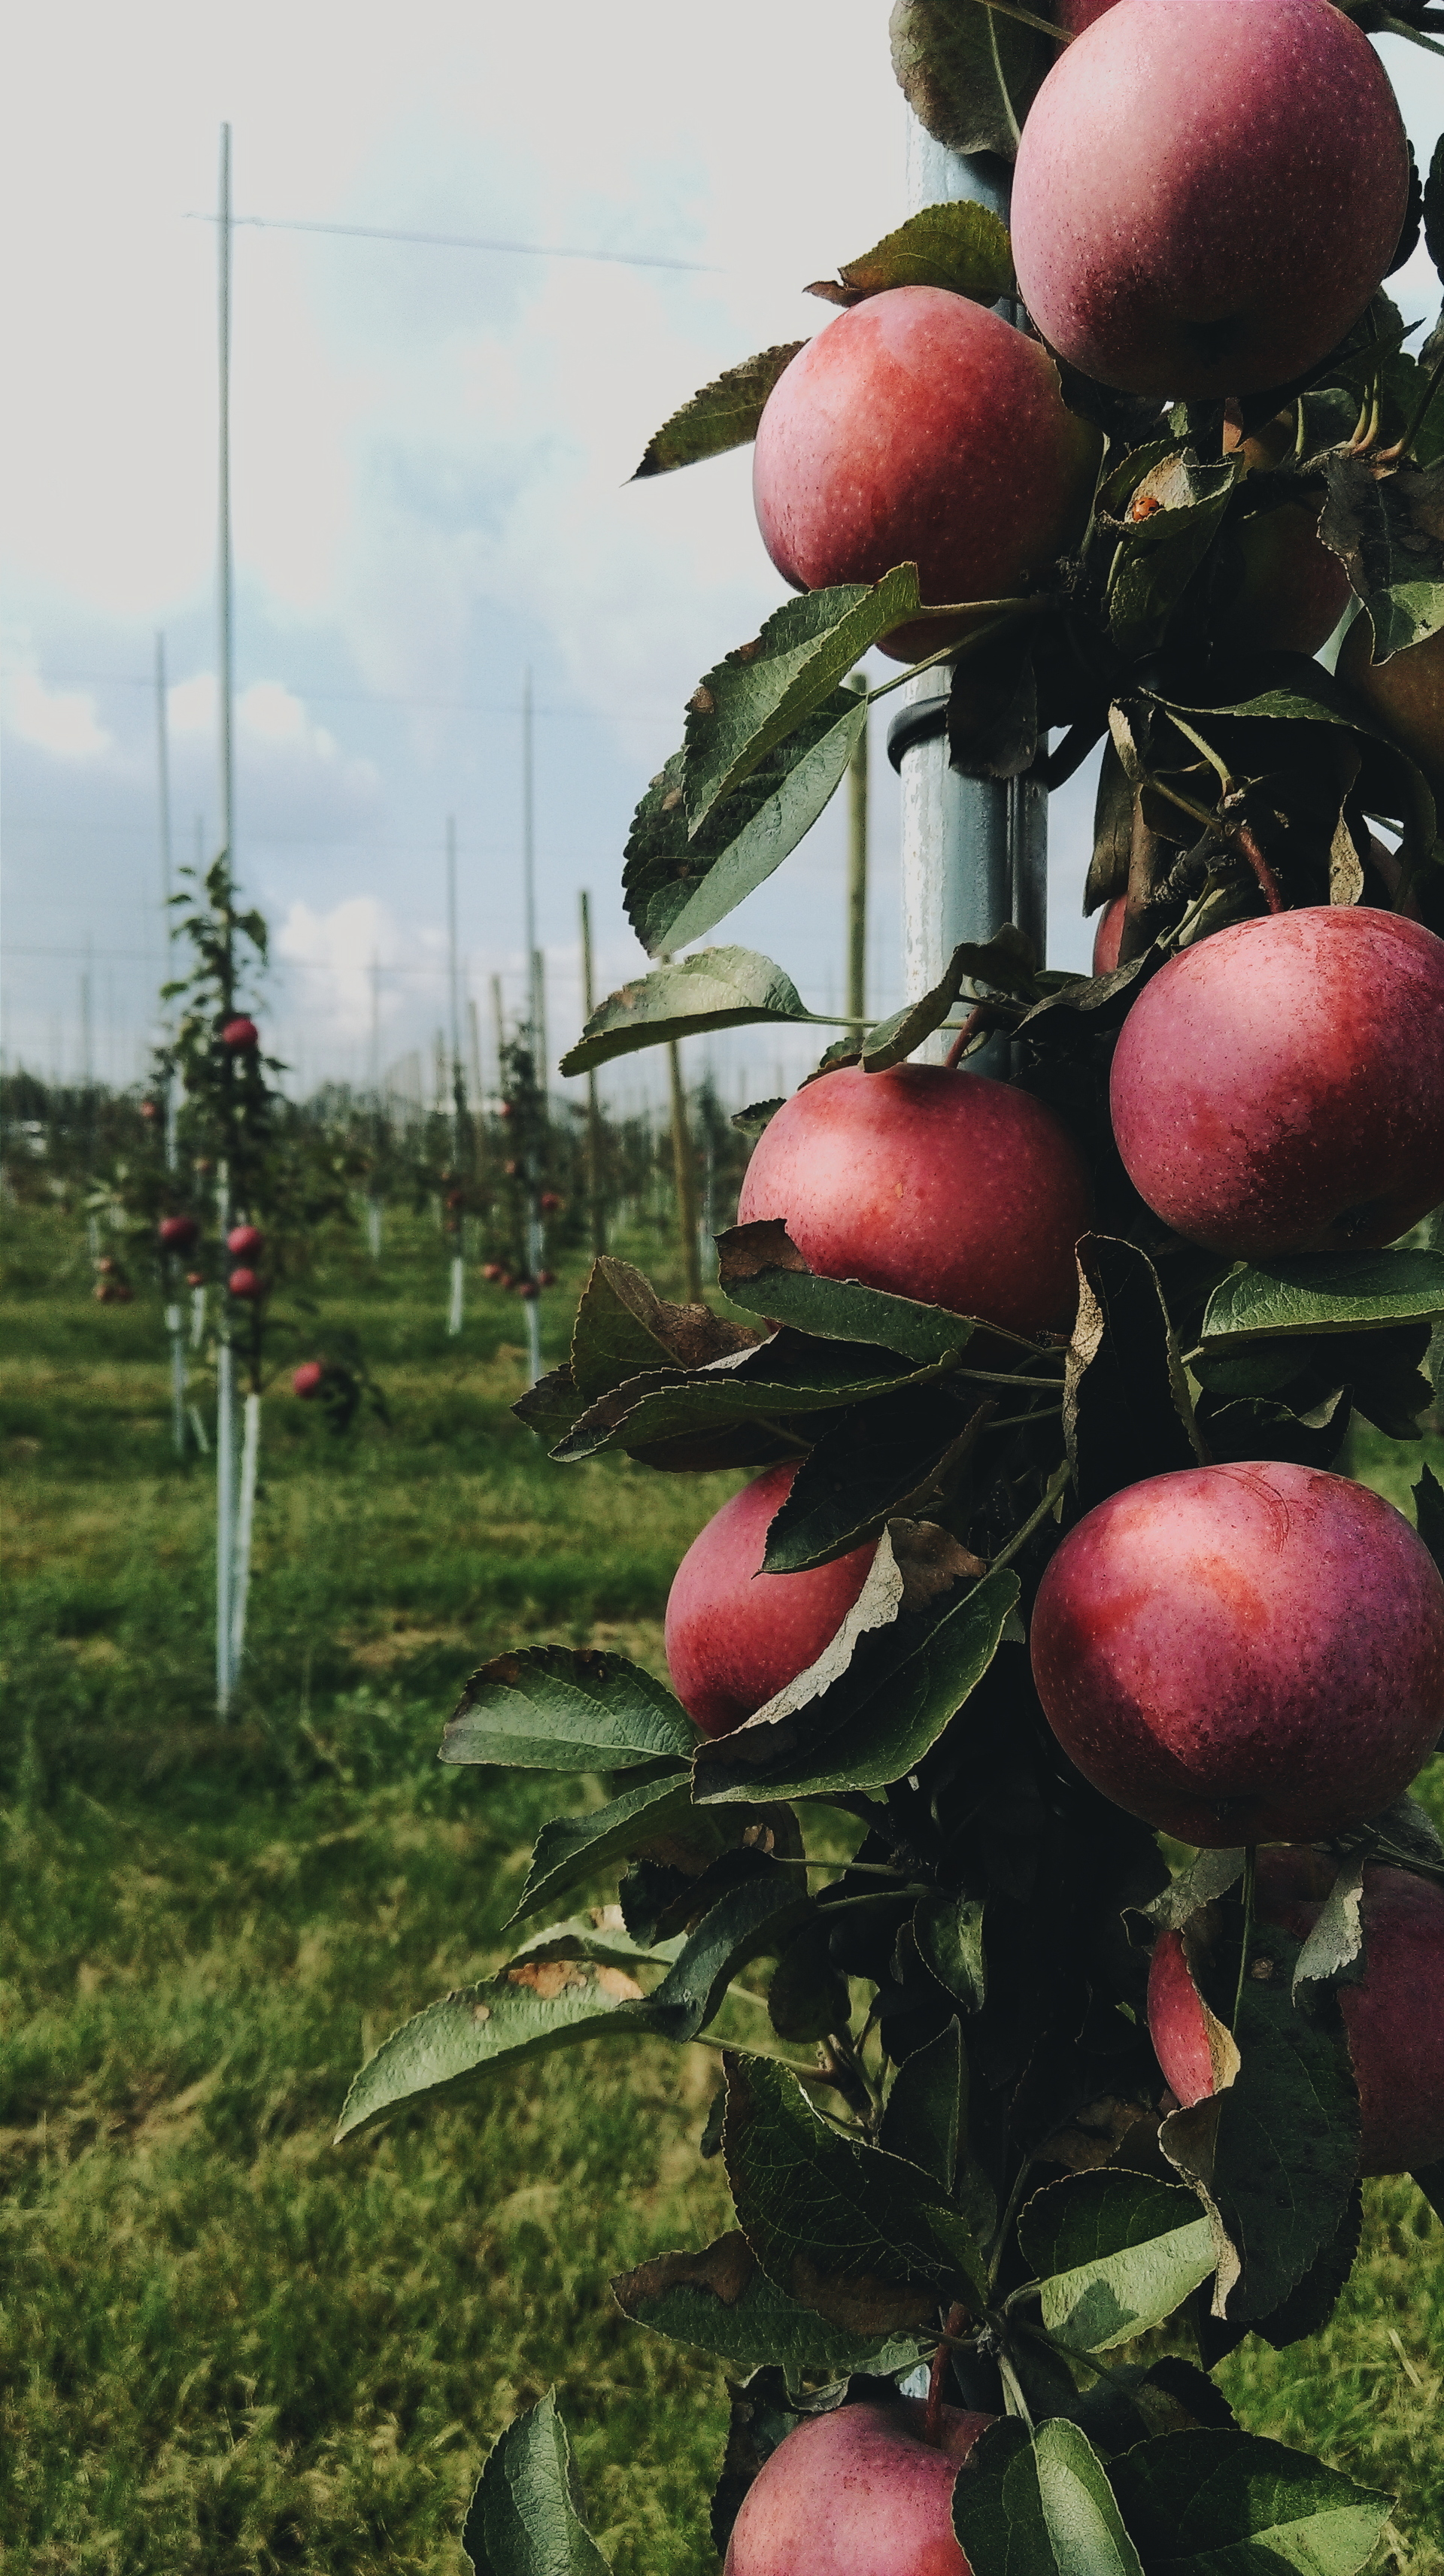 Apple orchard | myshu, agriculture, apple, apple tree